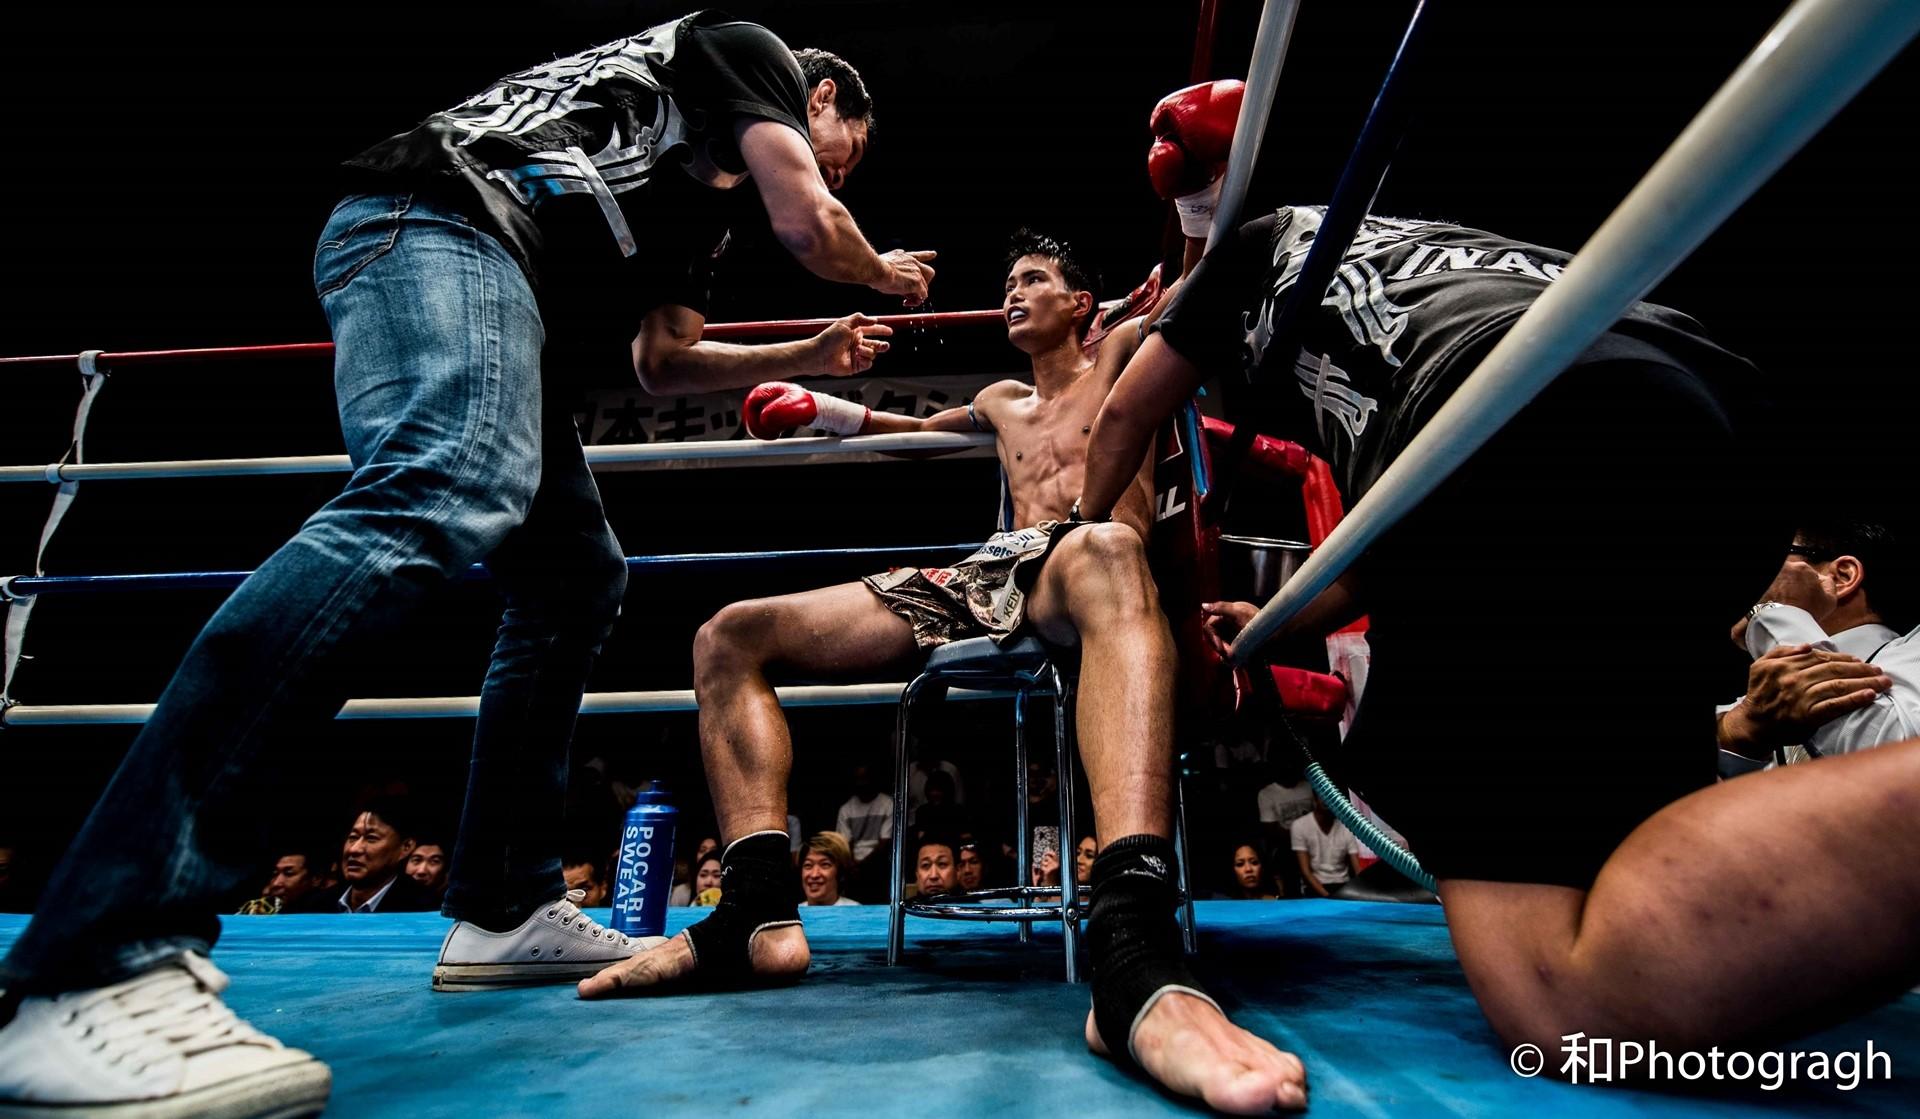 キック ボクシング チャンピオン